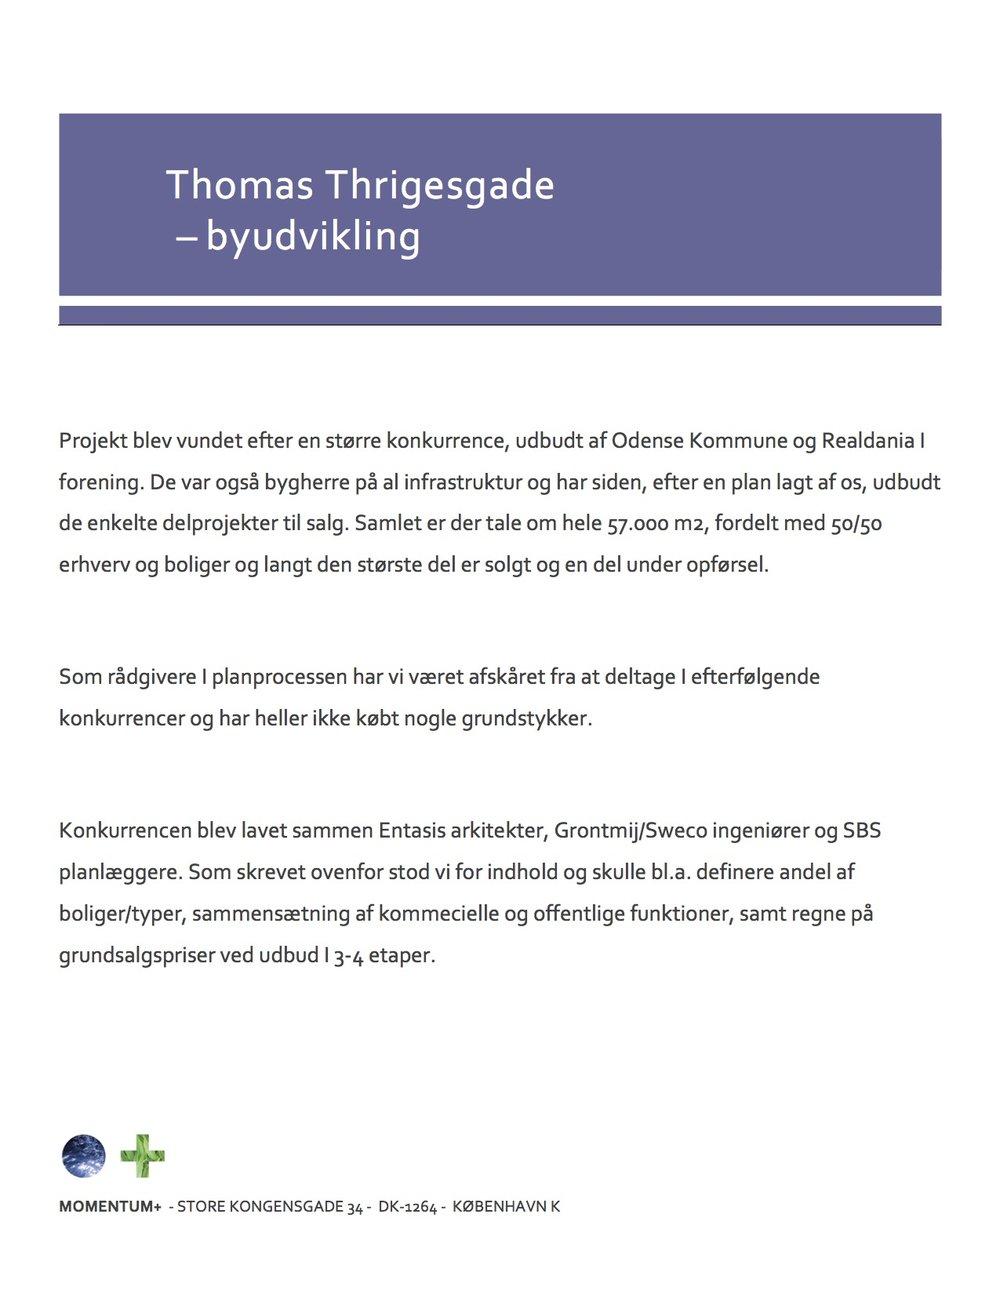 Thomas Thrigesgade - 7 ref. -2 .jpg